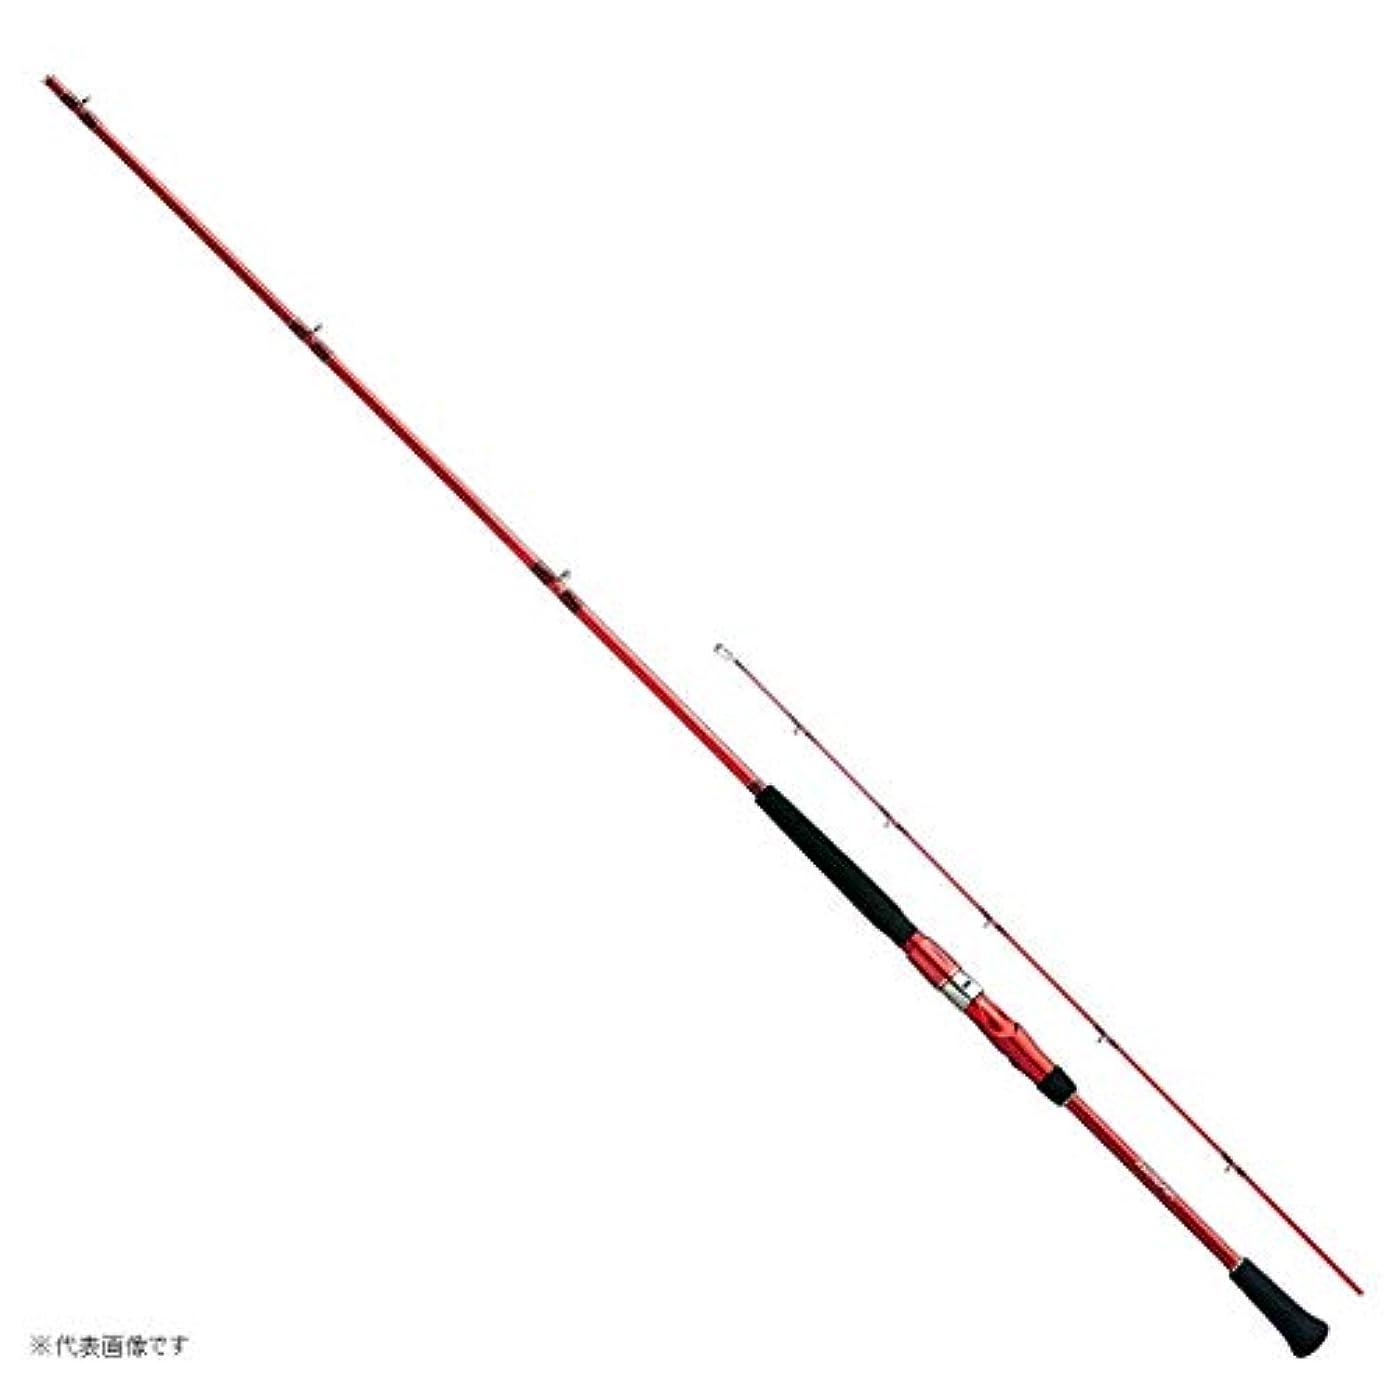 経済メタリックするだろうダイワ(Daiwa) 船竿 ベイト シーフレックス64 80-270 釣り竿